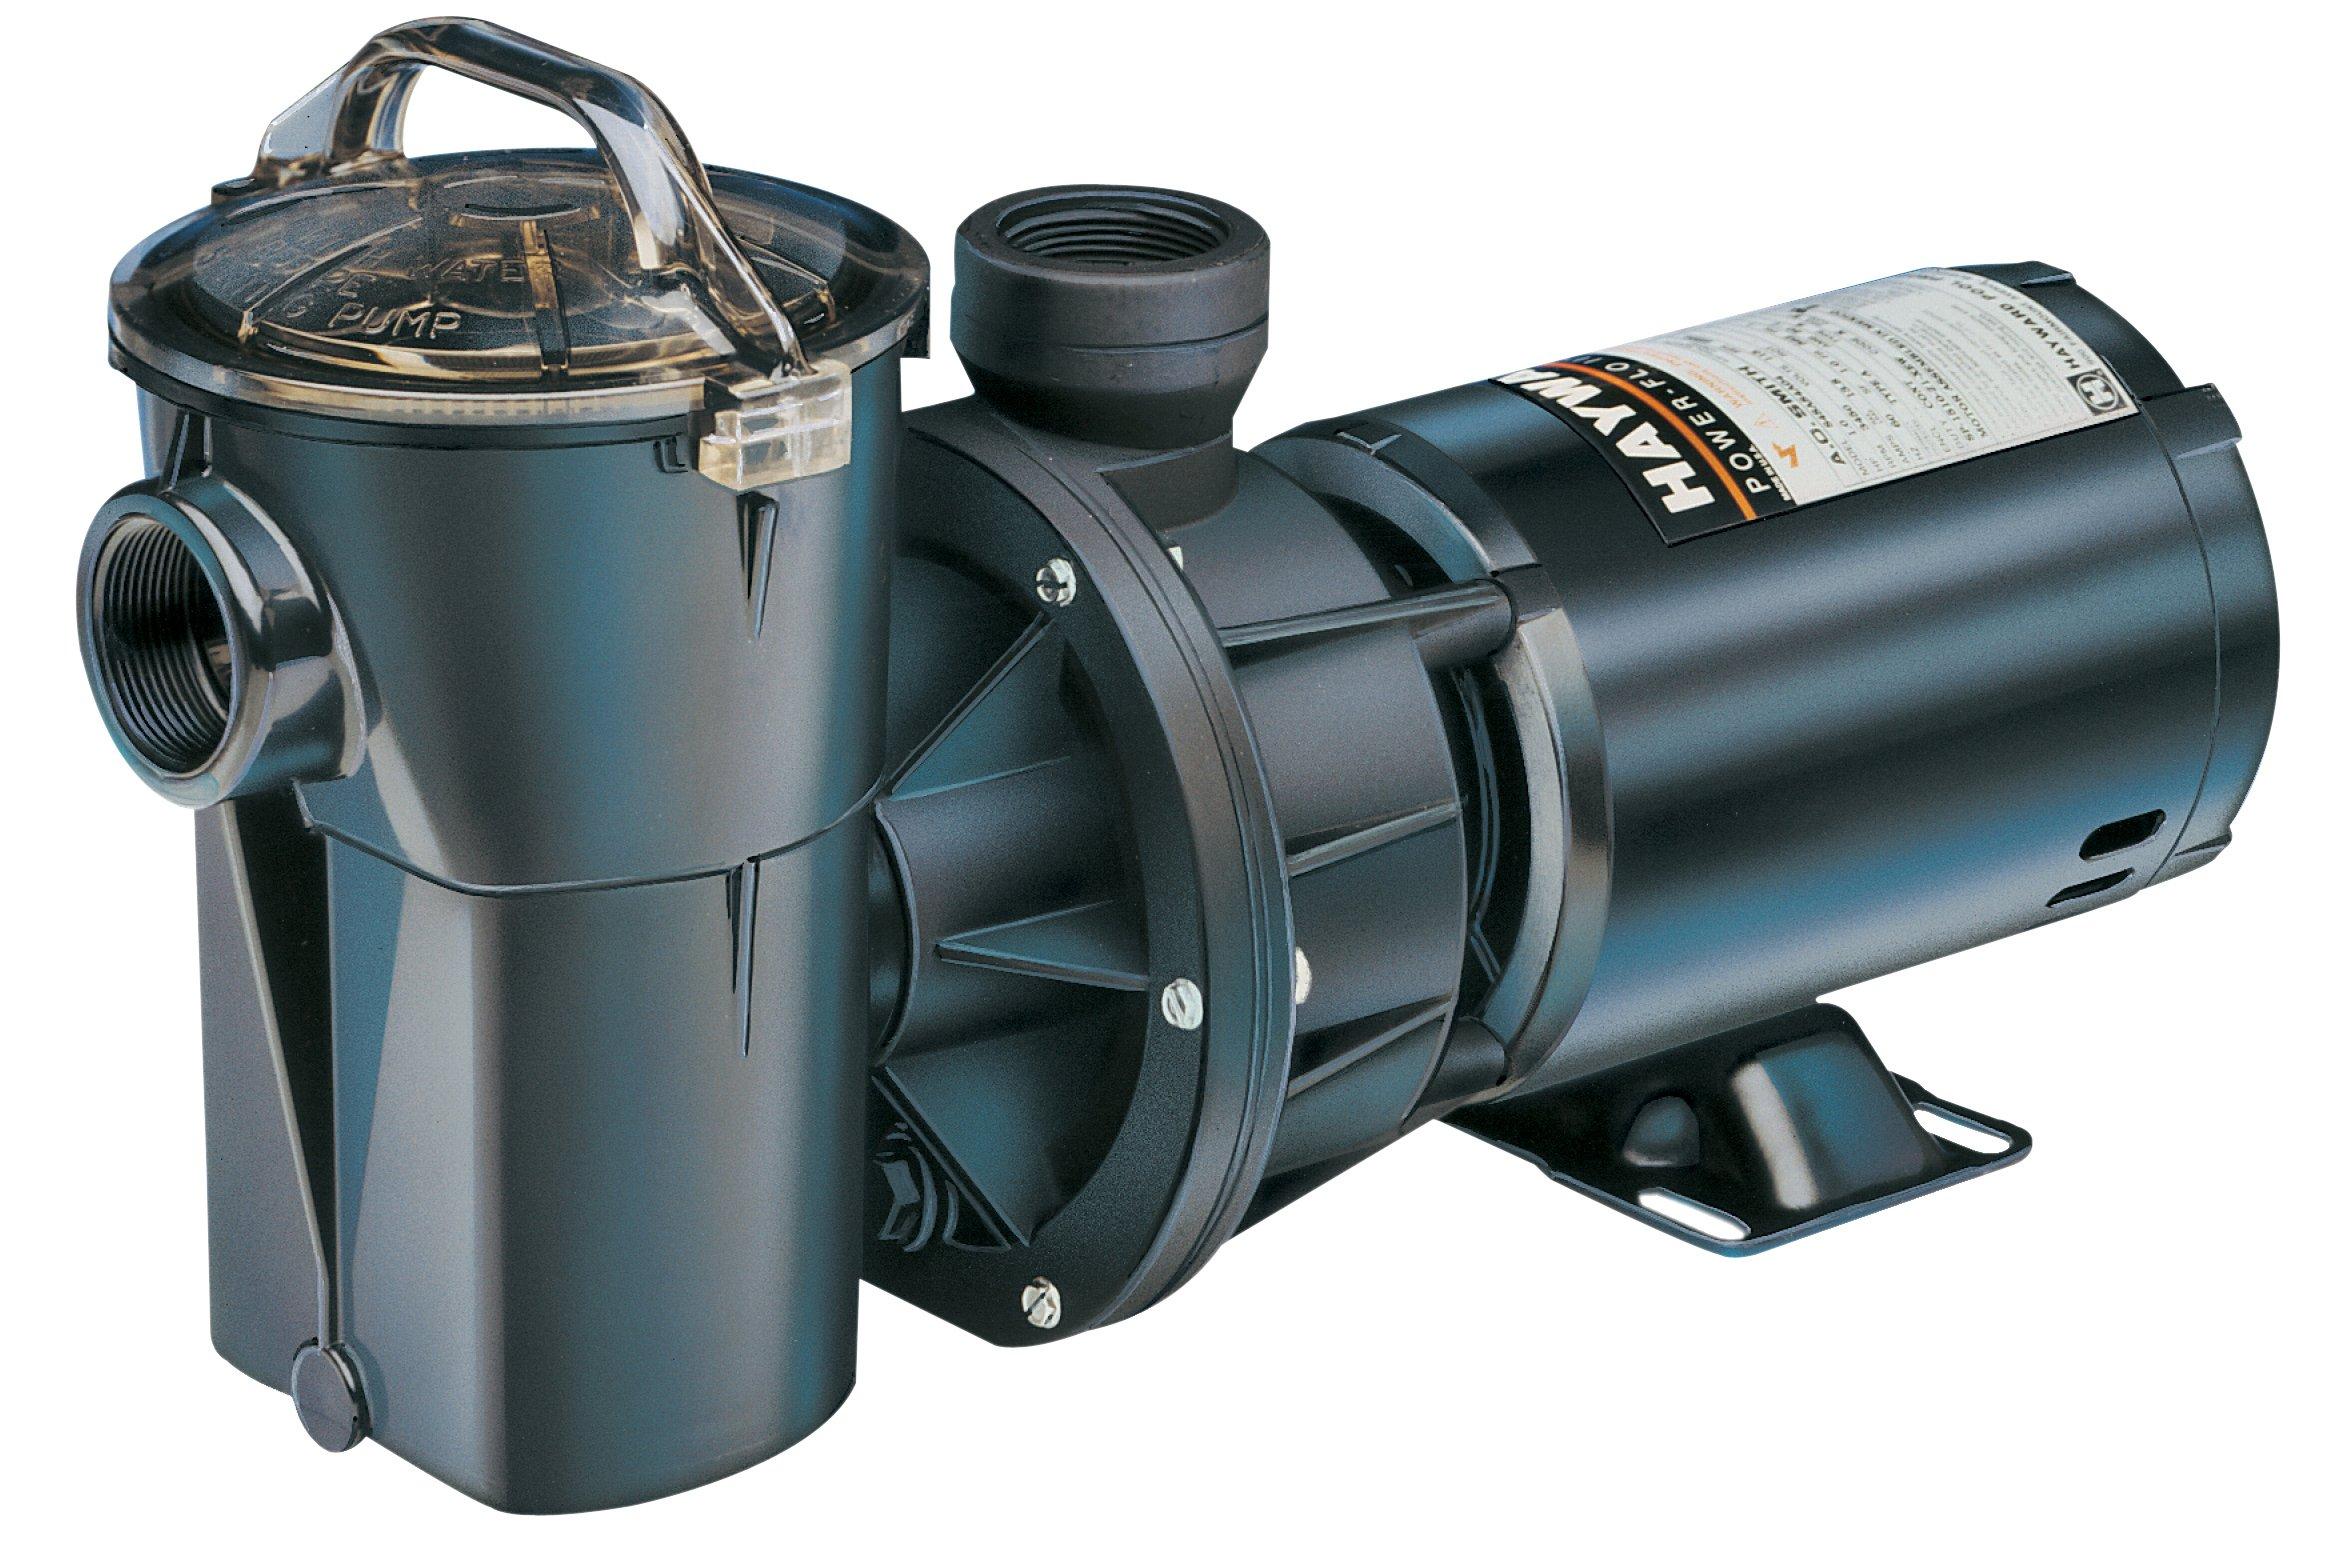 Hayward SP1750 PowerFlo II 0.5 HP Above-Ground Swimming Pool Pump